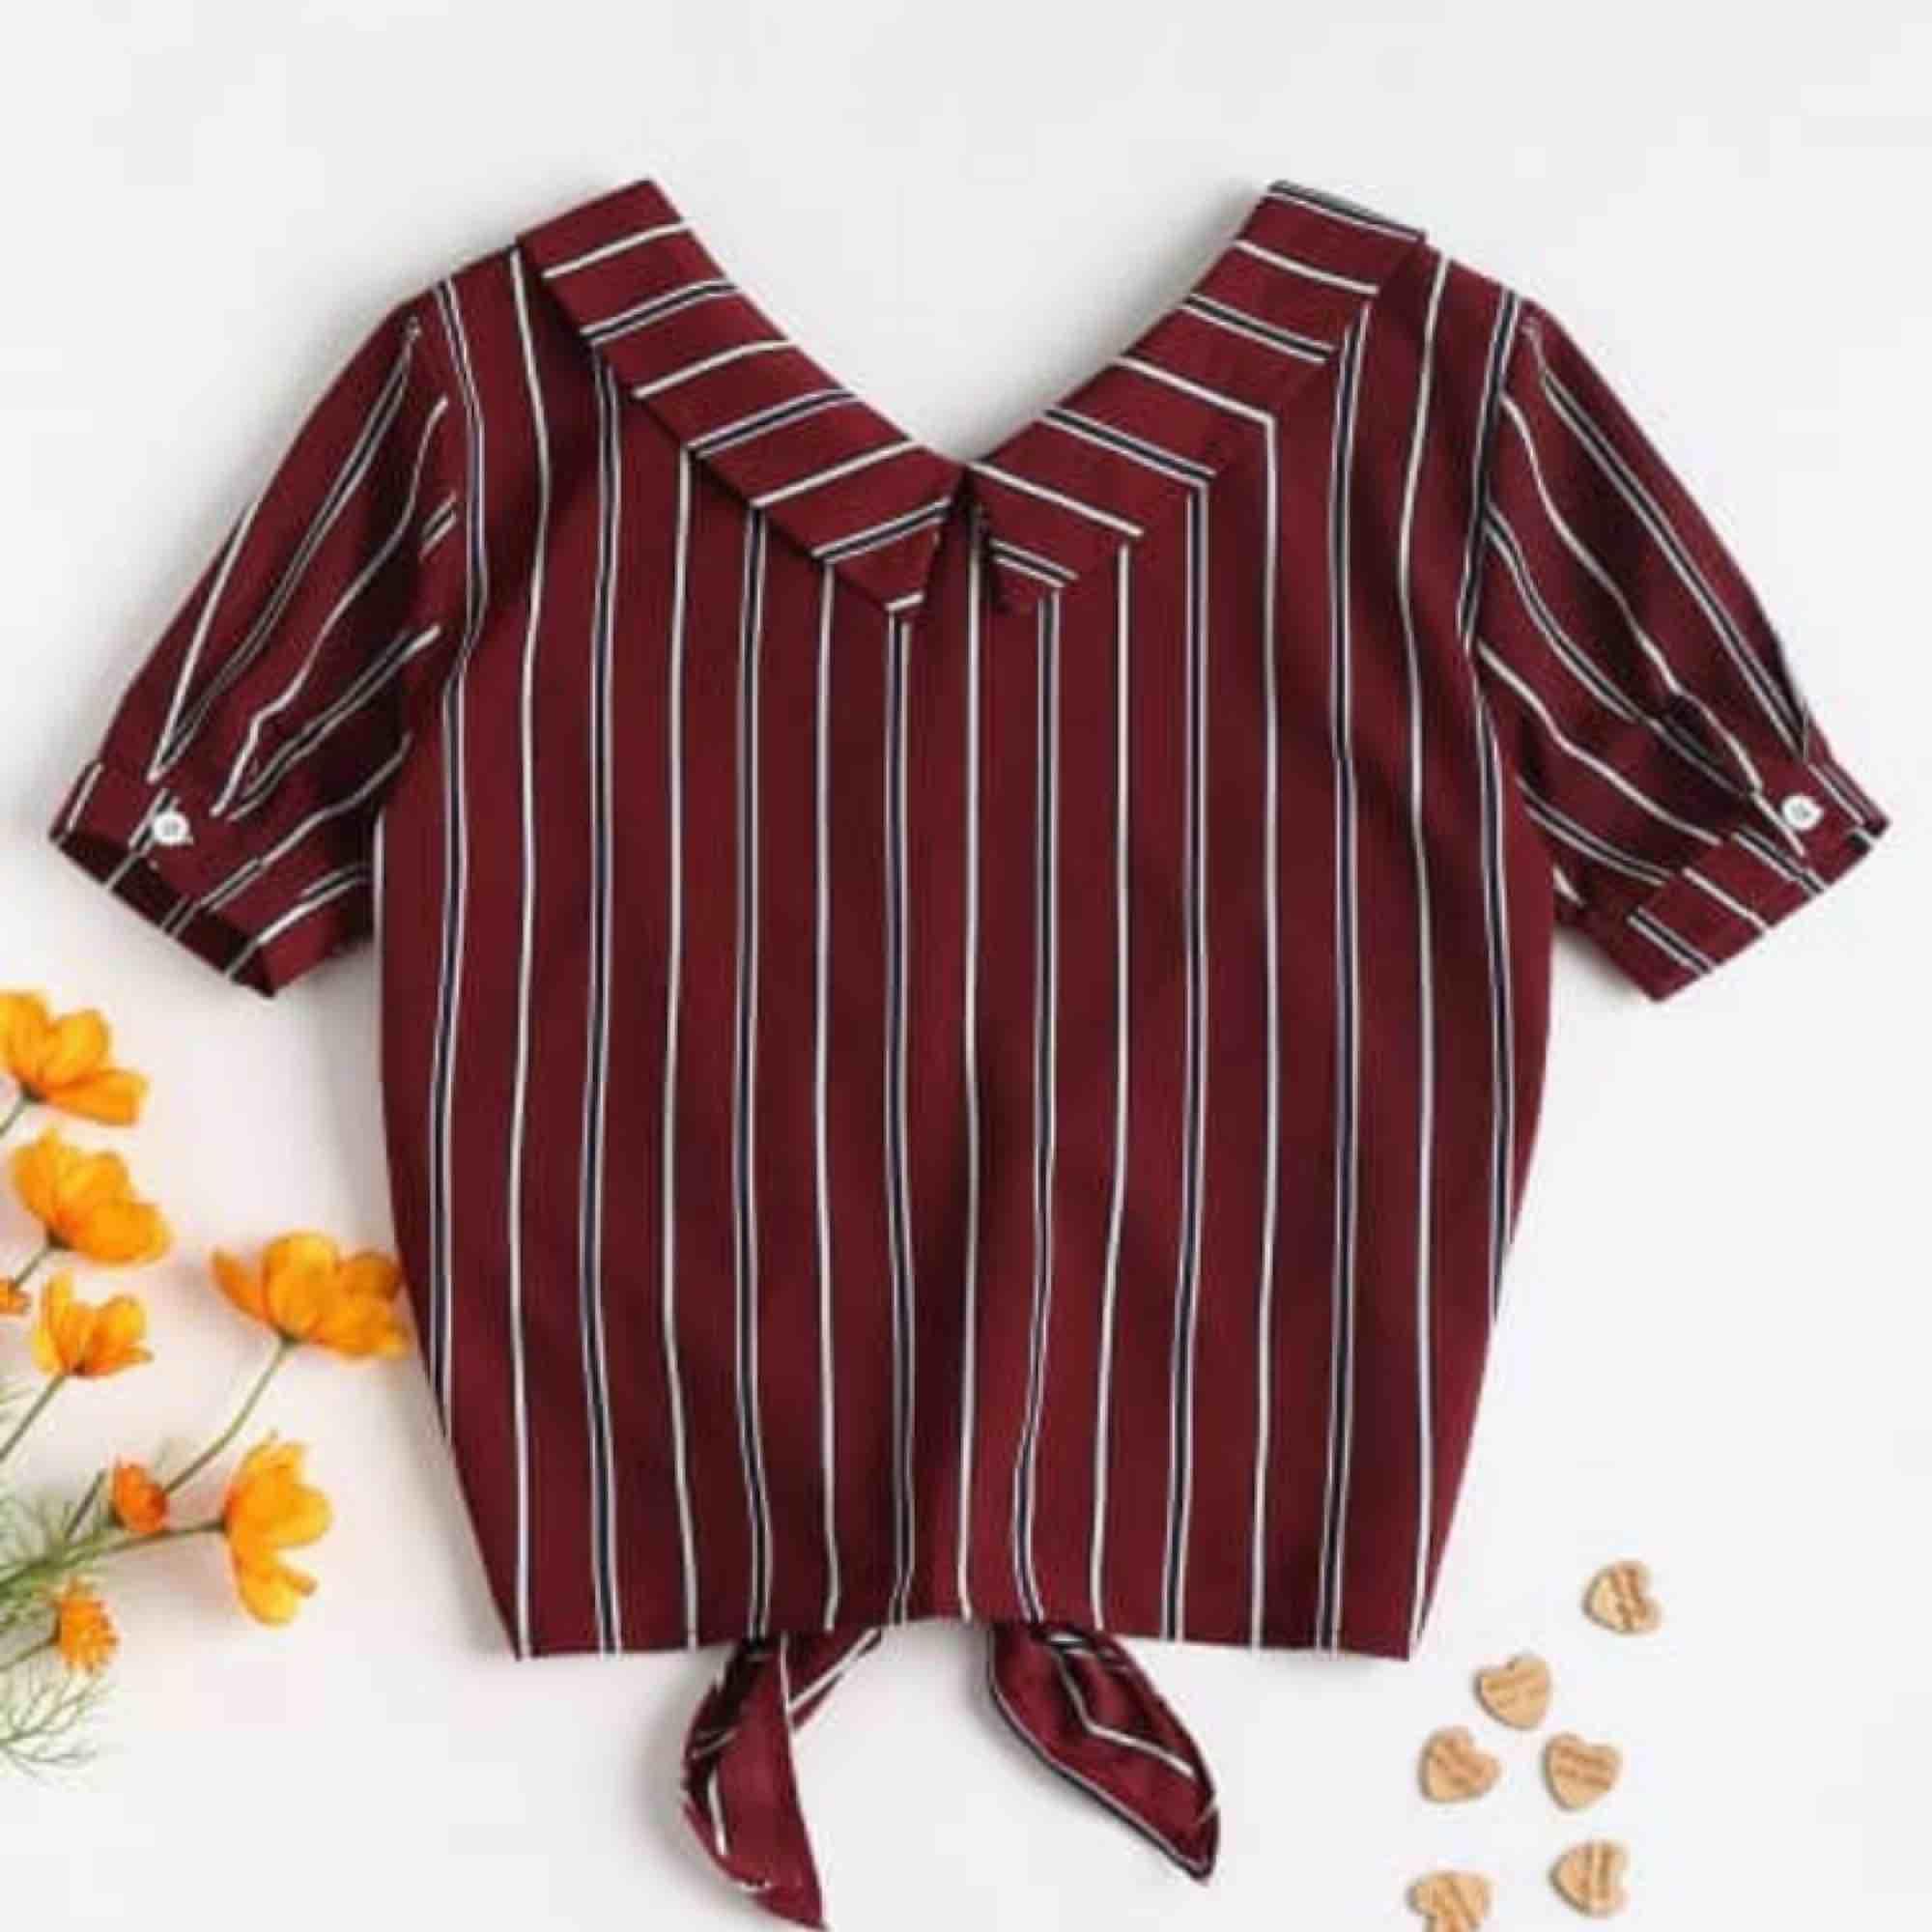 Ascool retro-skjorta från Zaful. Helt oanvänd och är därför i princip ny. Säljer pga kommer inte till användning. Denna skjorta får du för 99kr, frakt tillkommer. Betalas med swish💕☀️ //R. Skjortor.